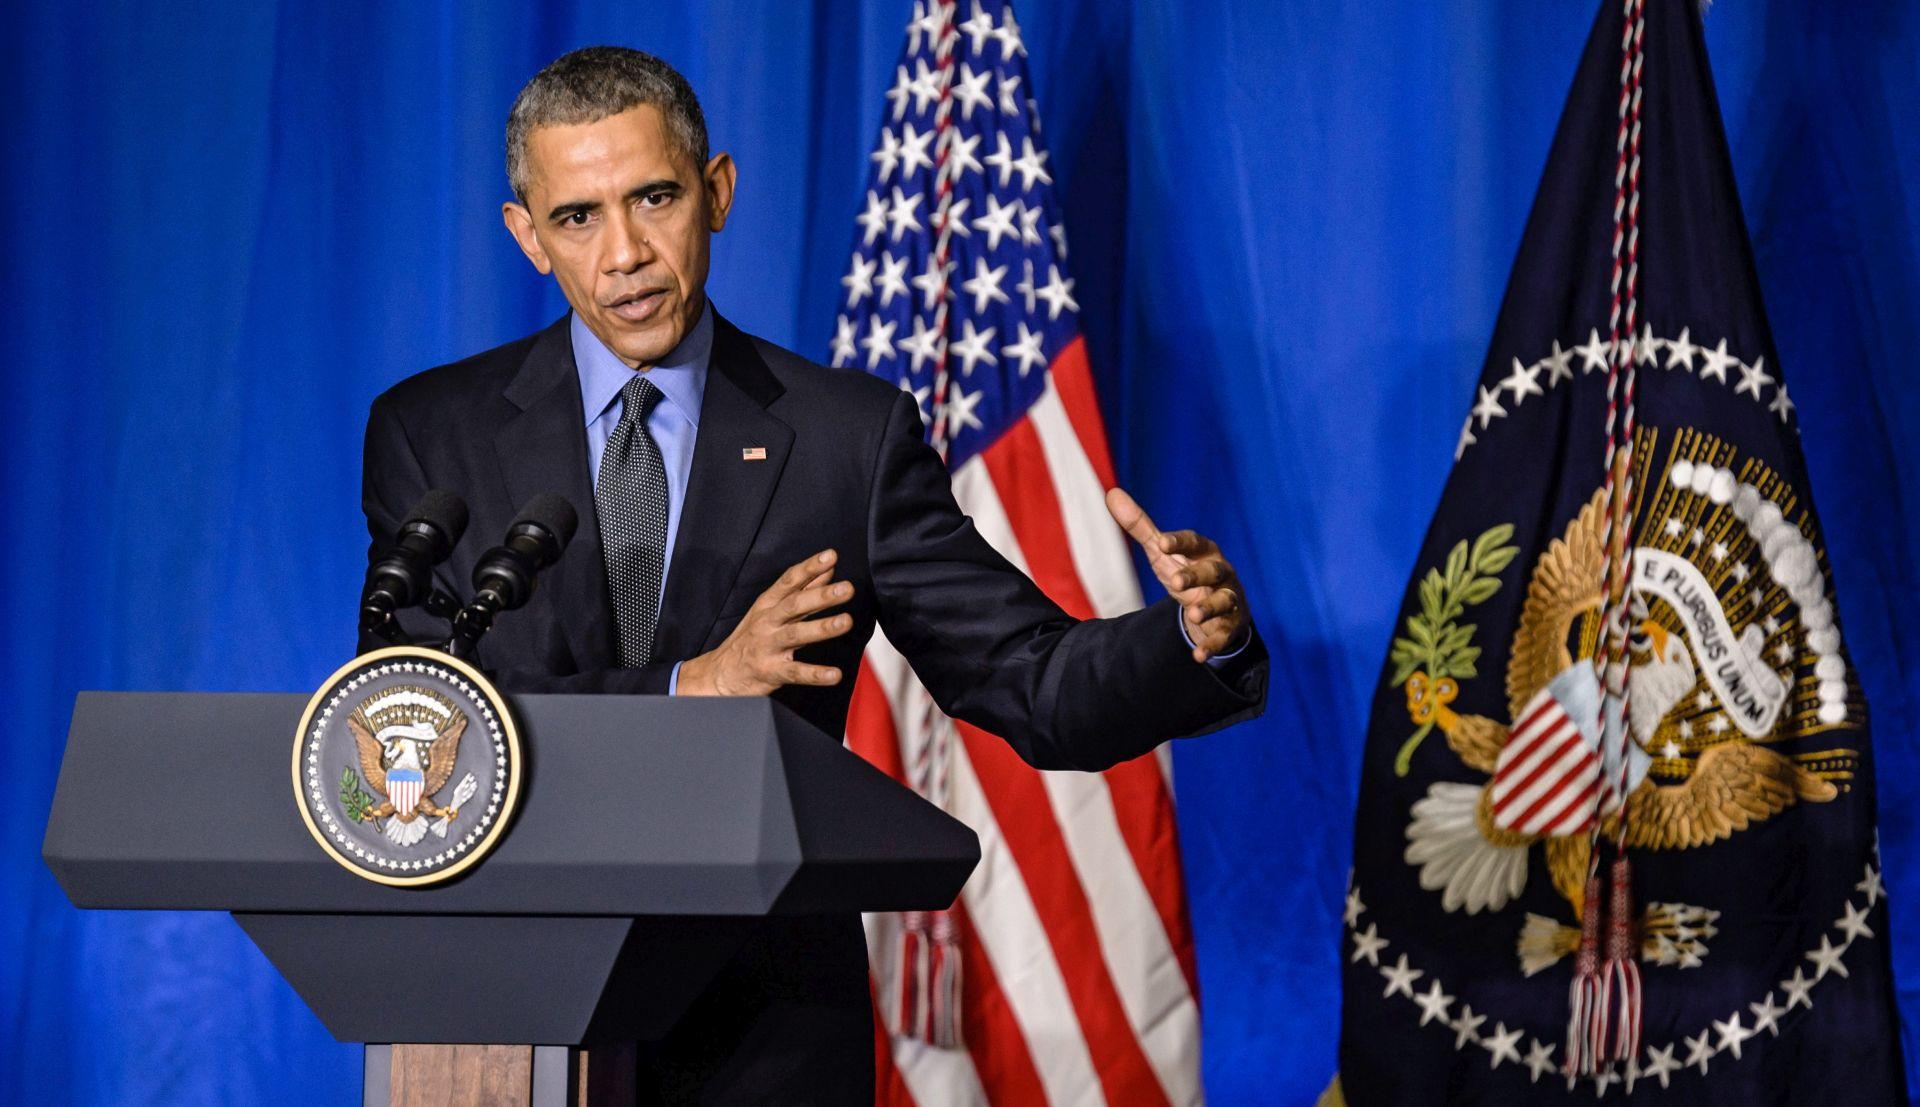 COP21: Obama optimističan u pogledu uspjeha konferencije u Parizu